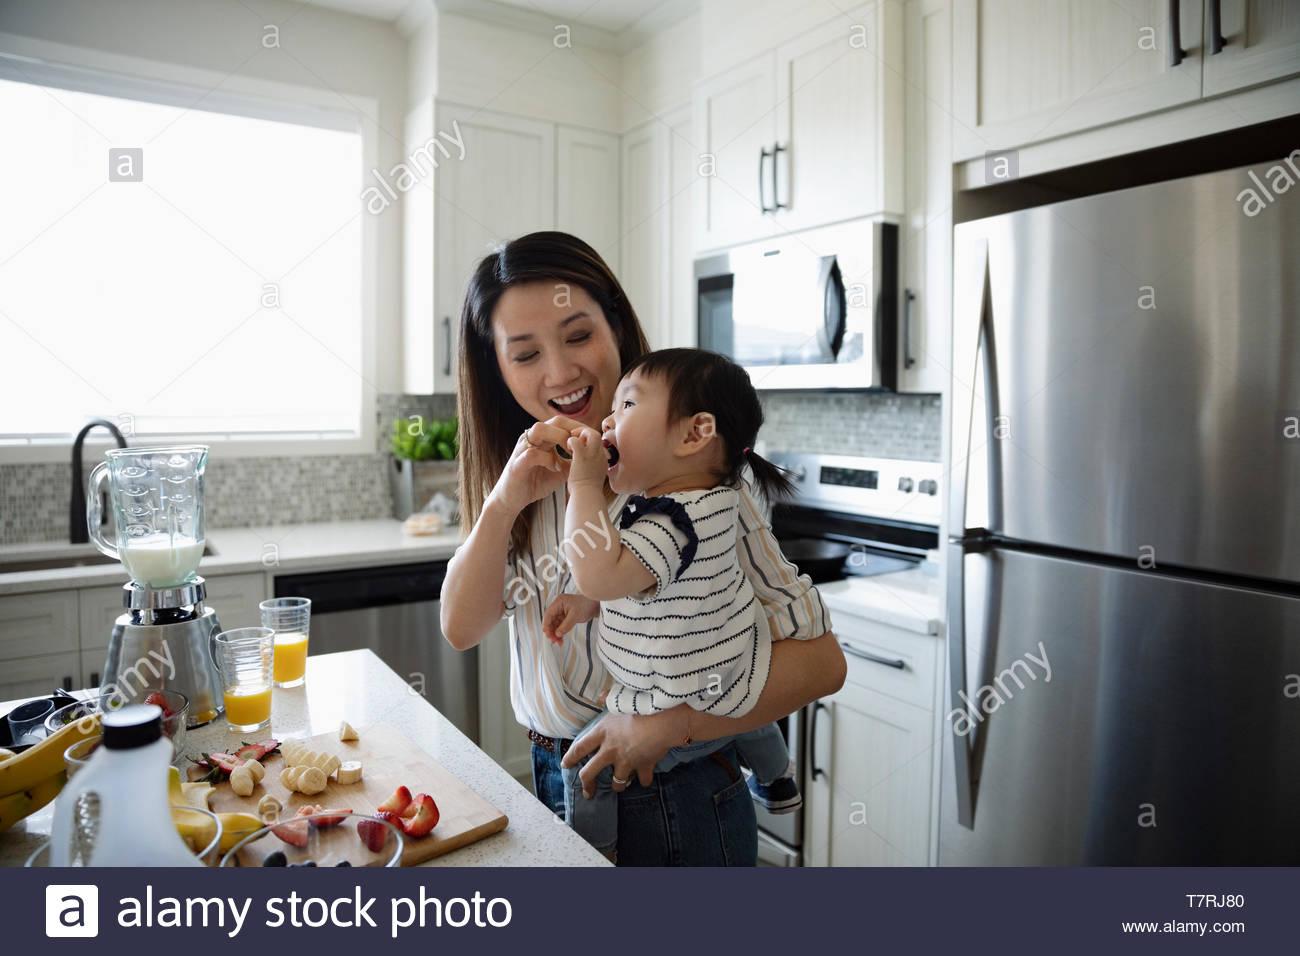 Mutter ernährung Kleinkind Tochter in der Küche Stockbild